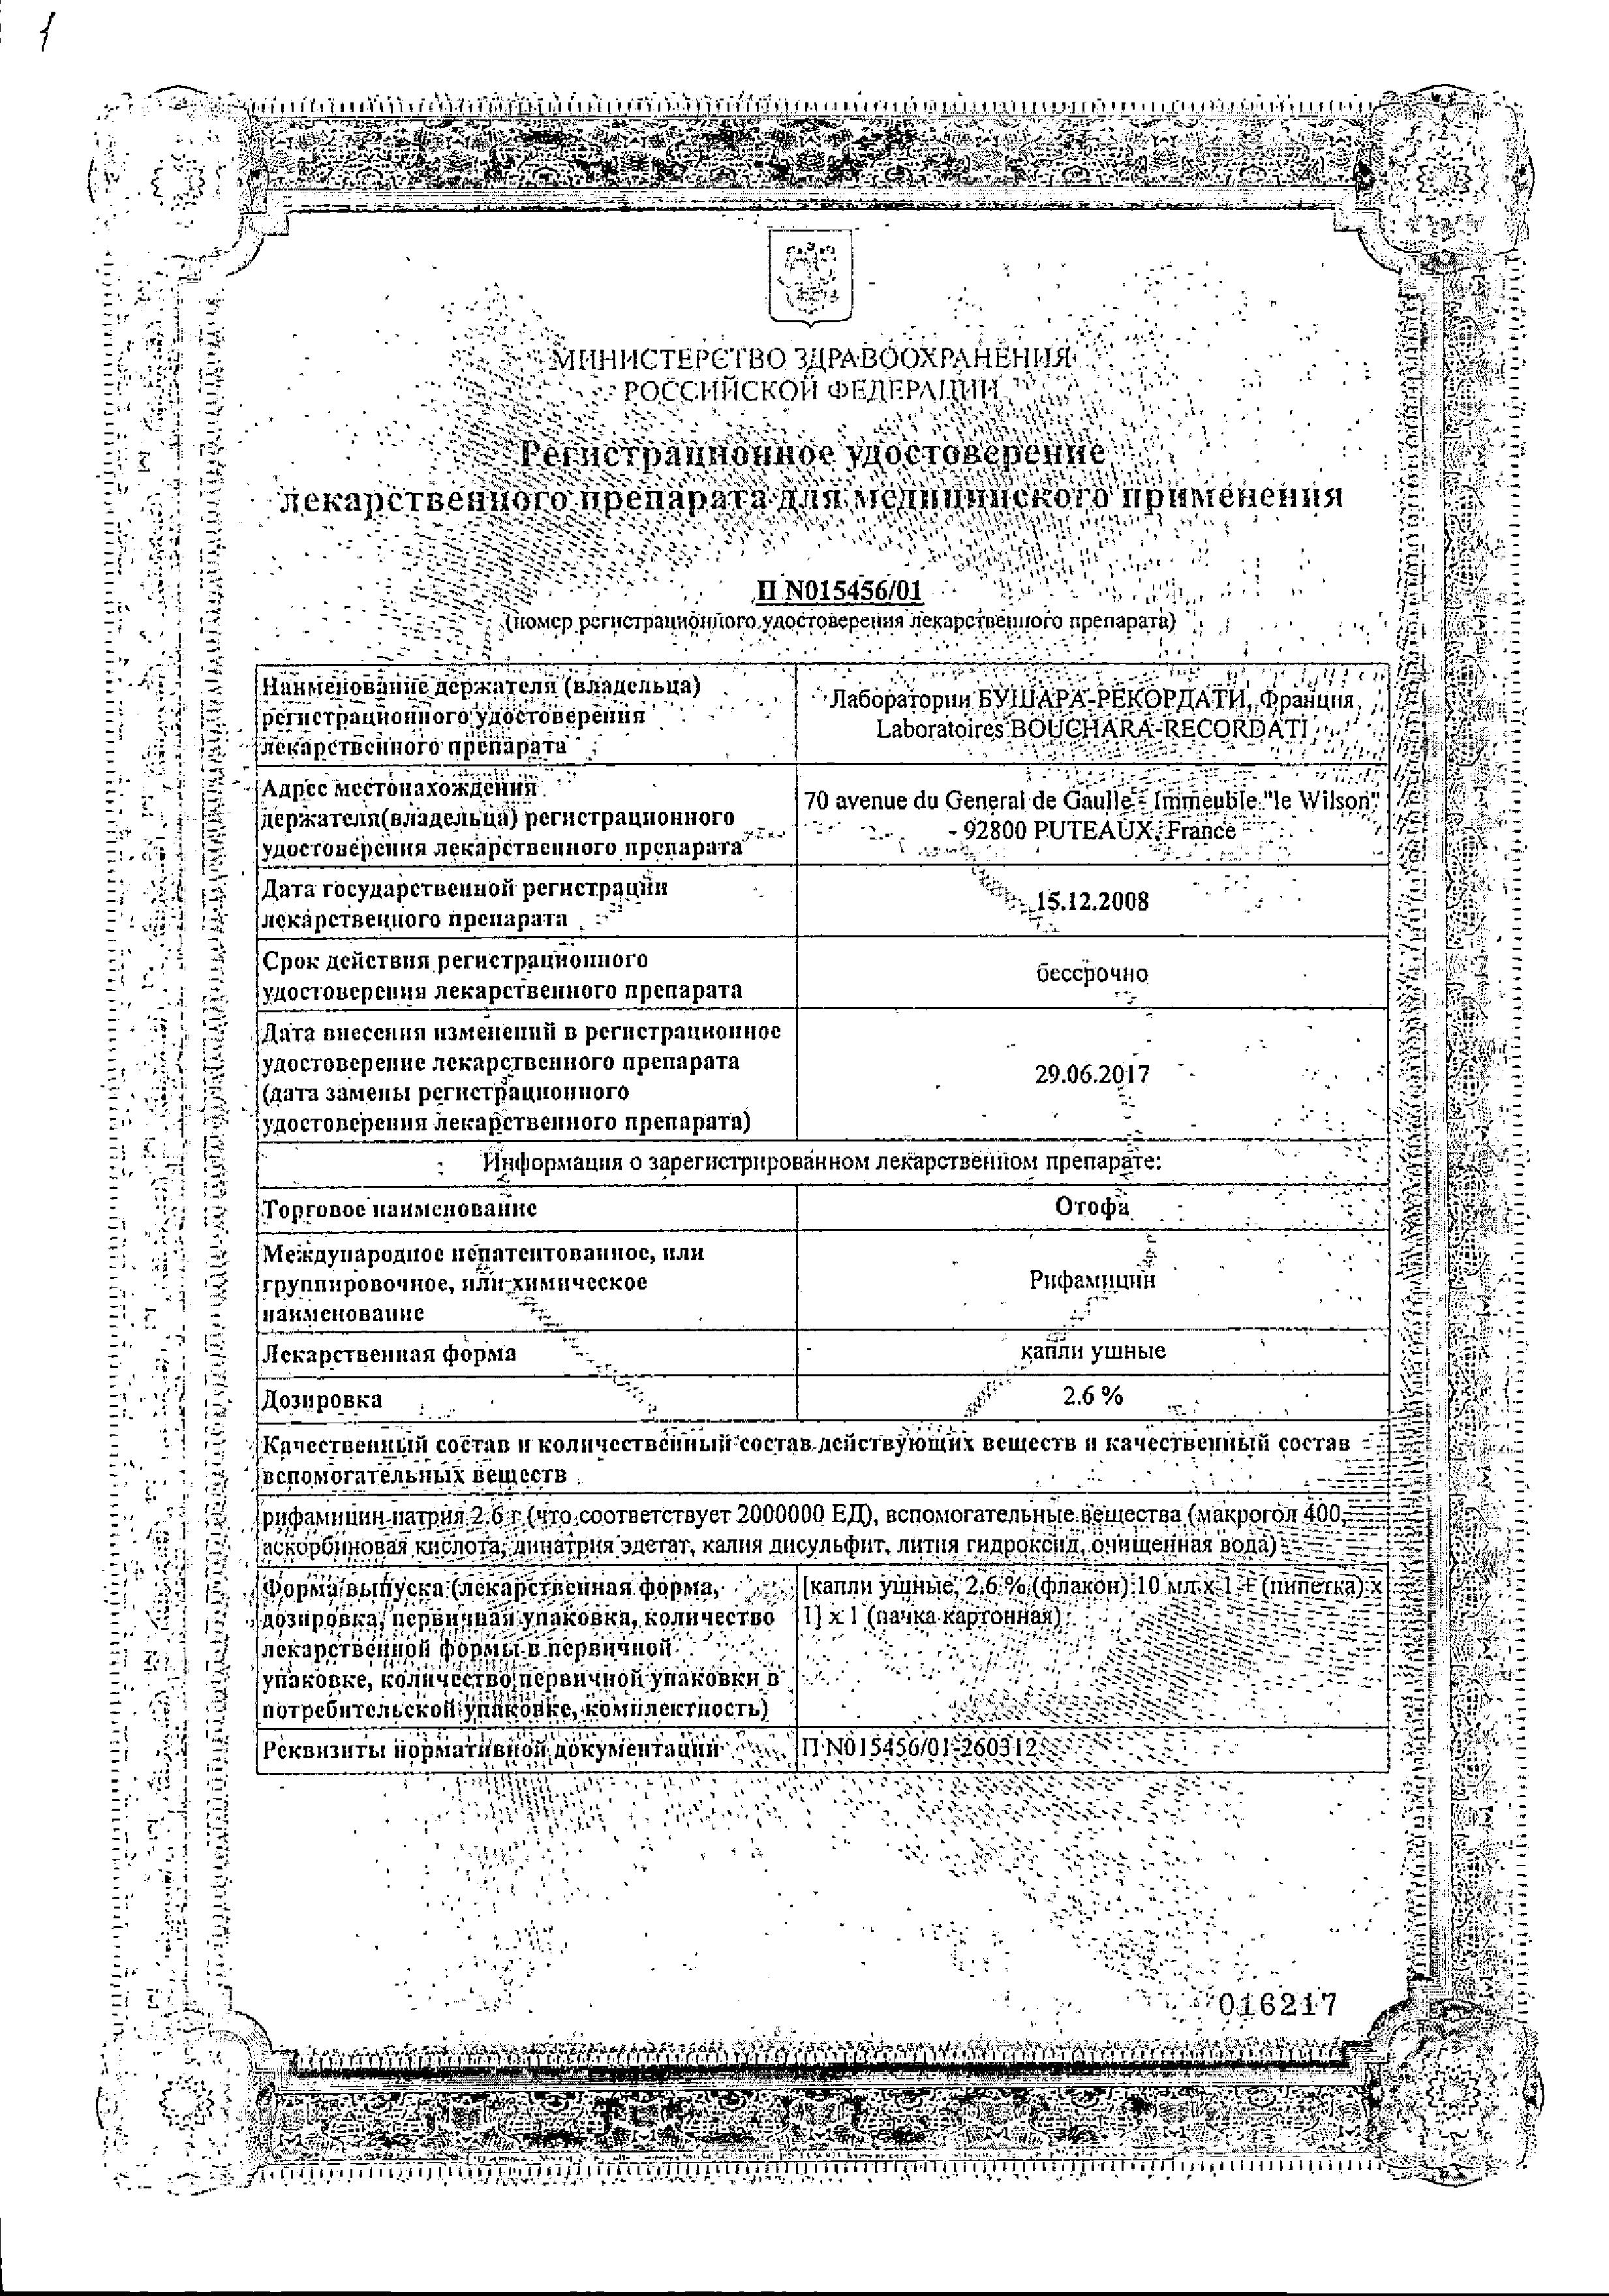 Отофа сертификат